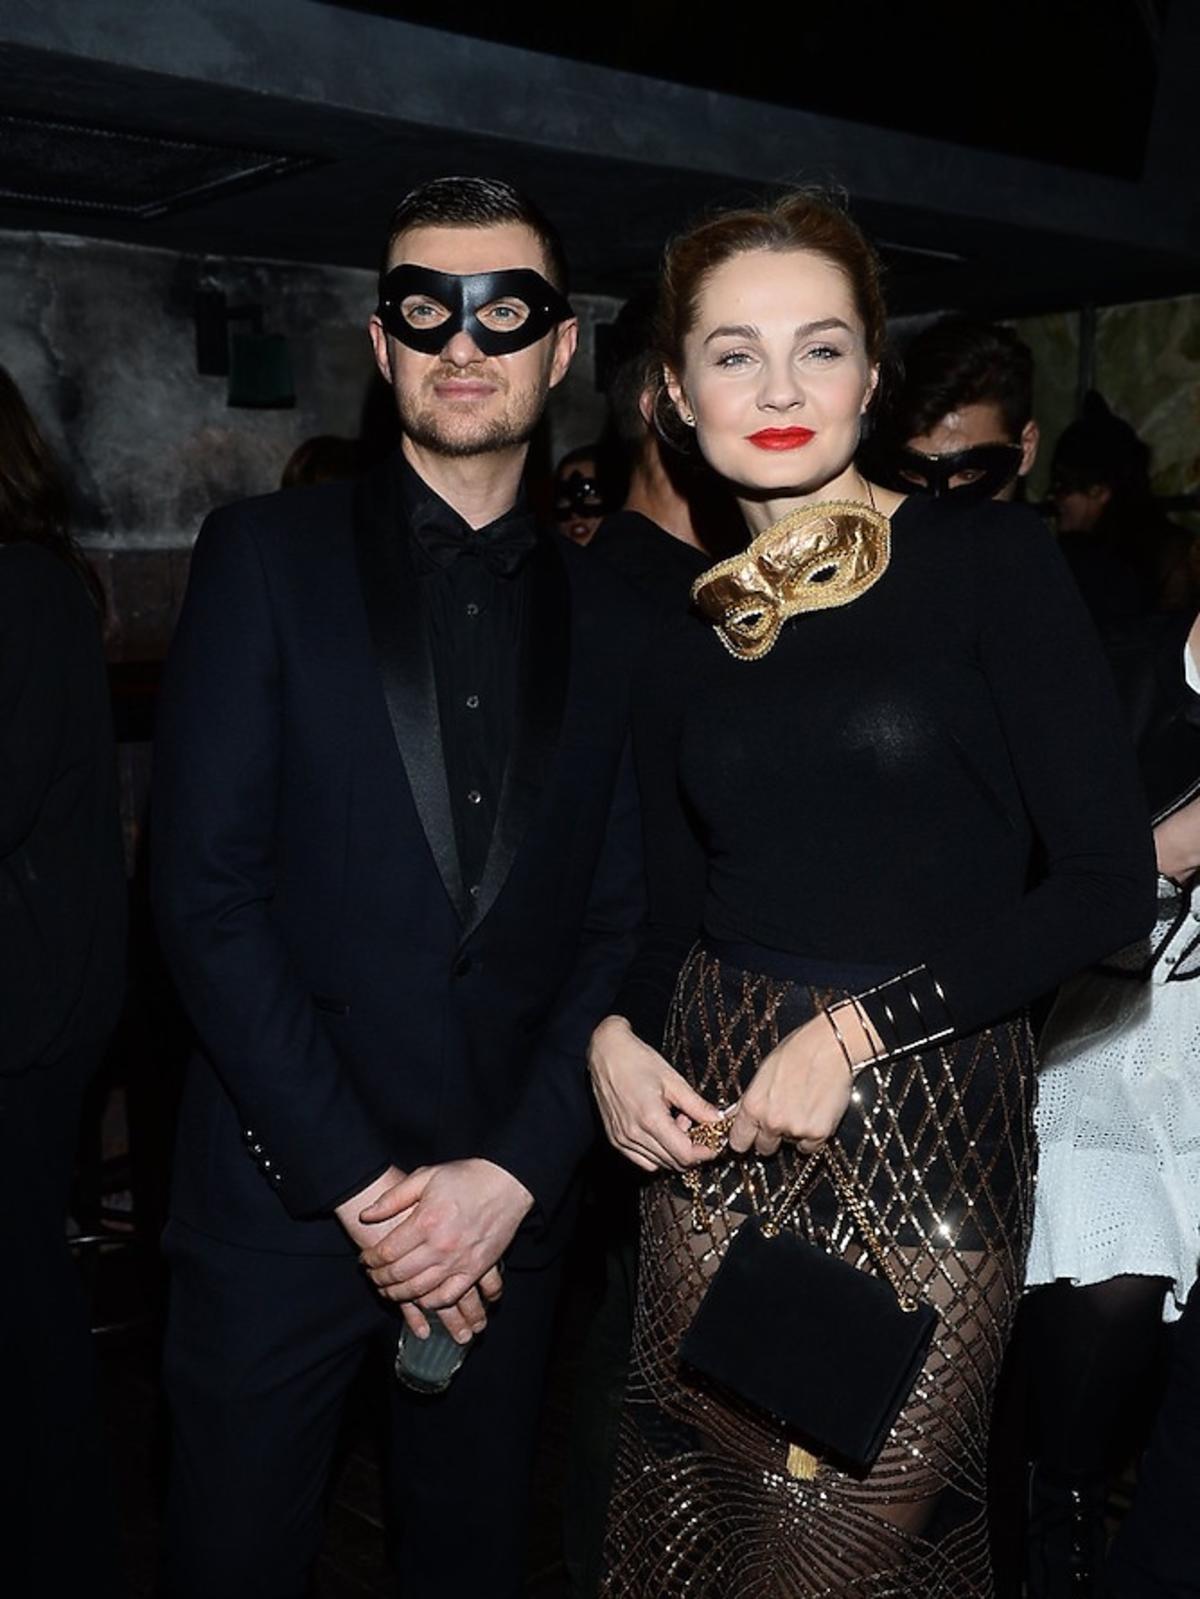 Małgorzata Socha, Macień Zień na balu maskowym w maskach